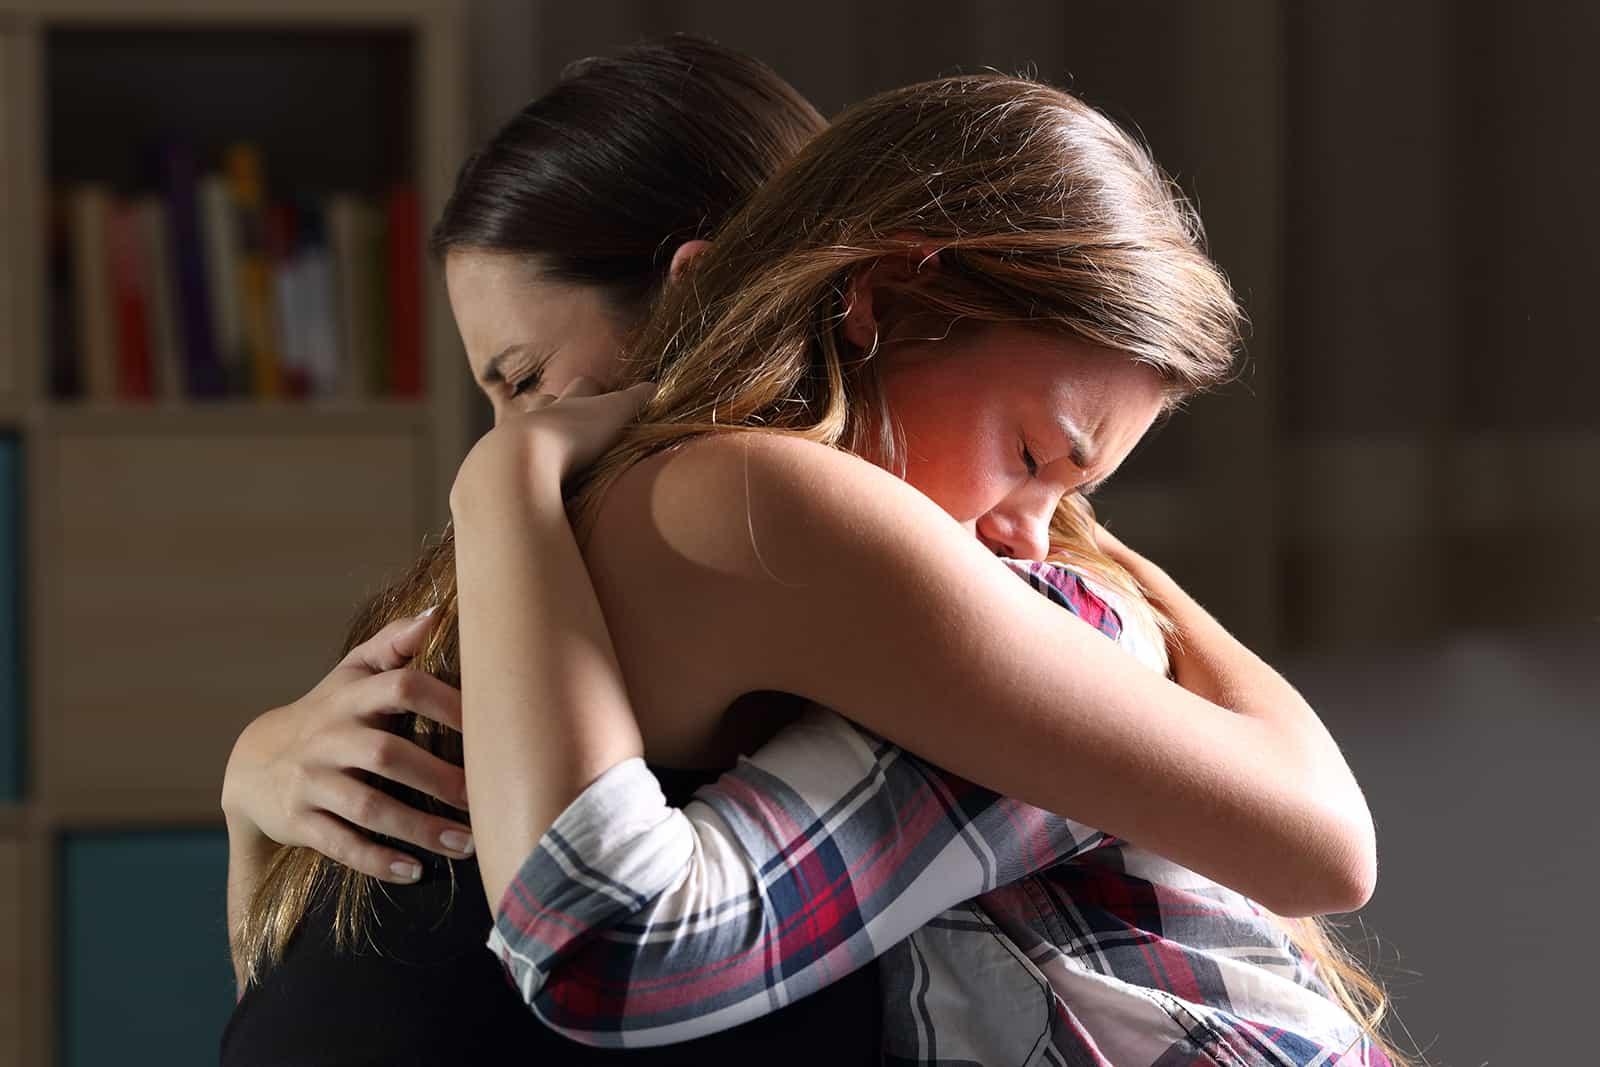 zwei traurige Frauen, die sich umarmen und zusammen weinen